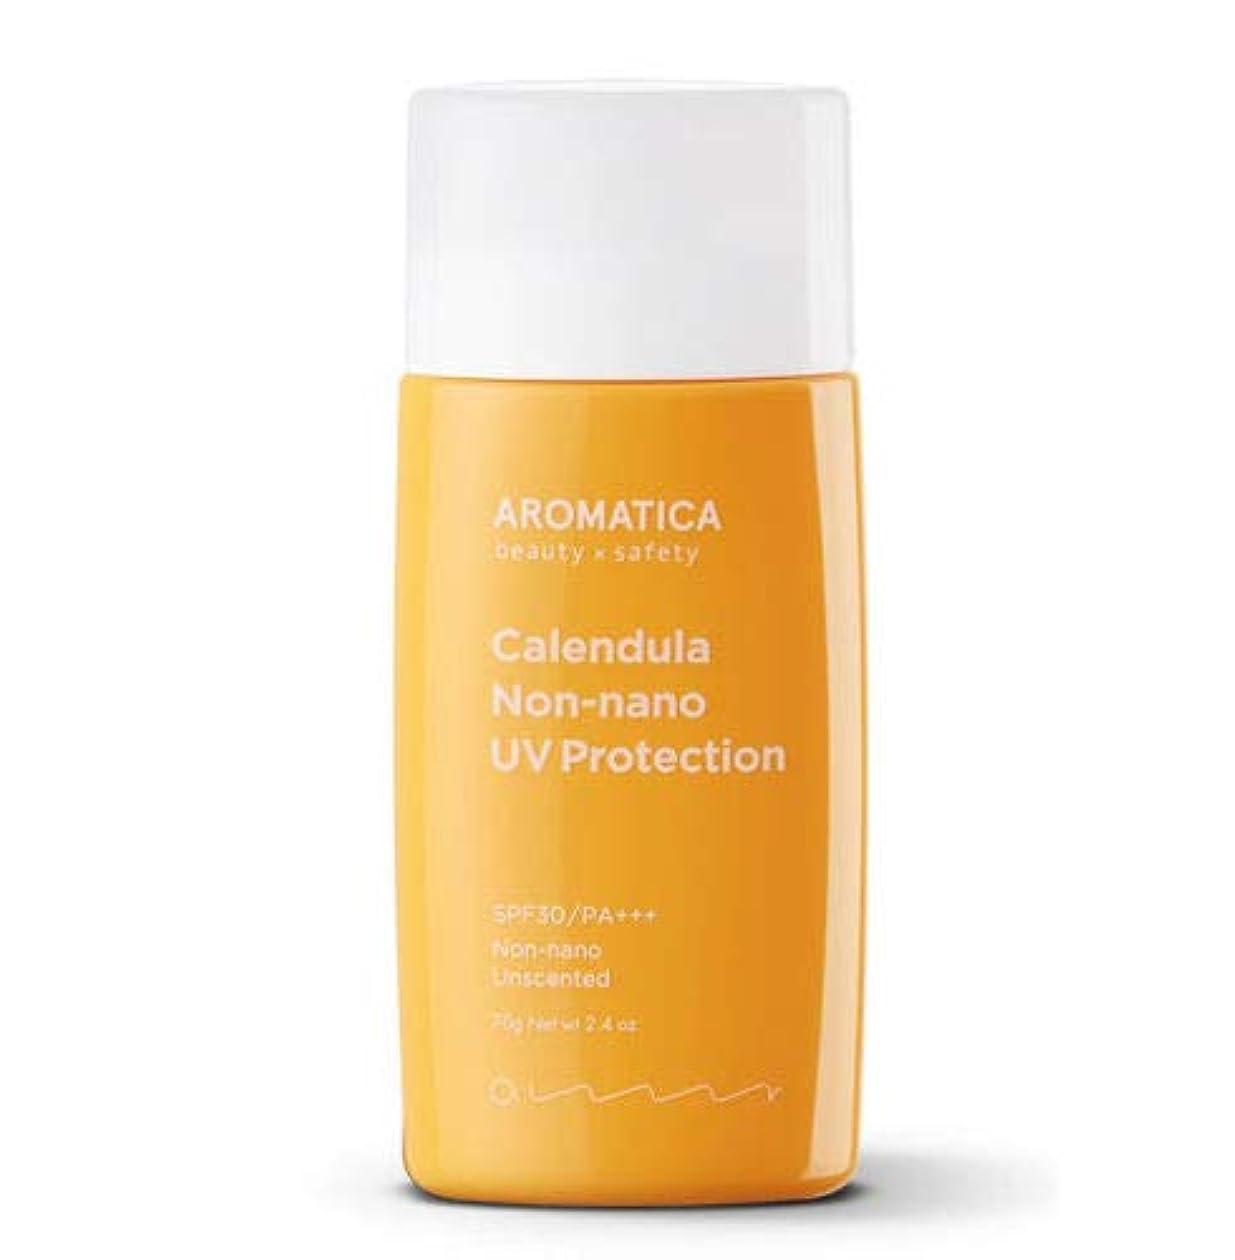 資本メディア代わりにを立てるAROMATICA アロマティカ Calendula NON-NANO UV Protection Unscented サンクリーム 70g SPF30/PA+++ 米国 日焼け止め